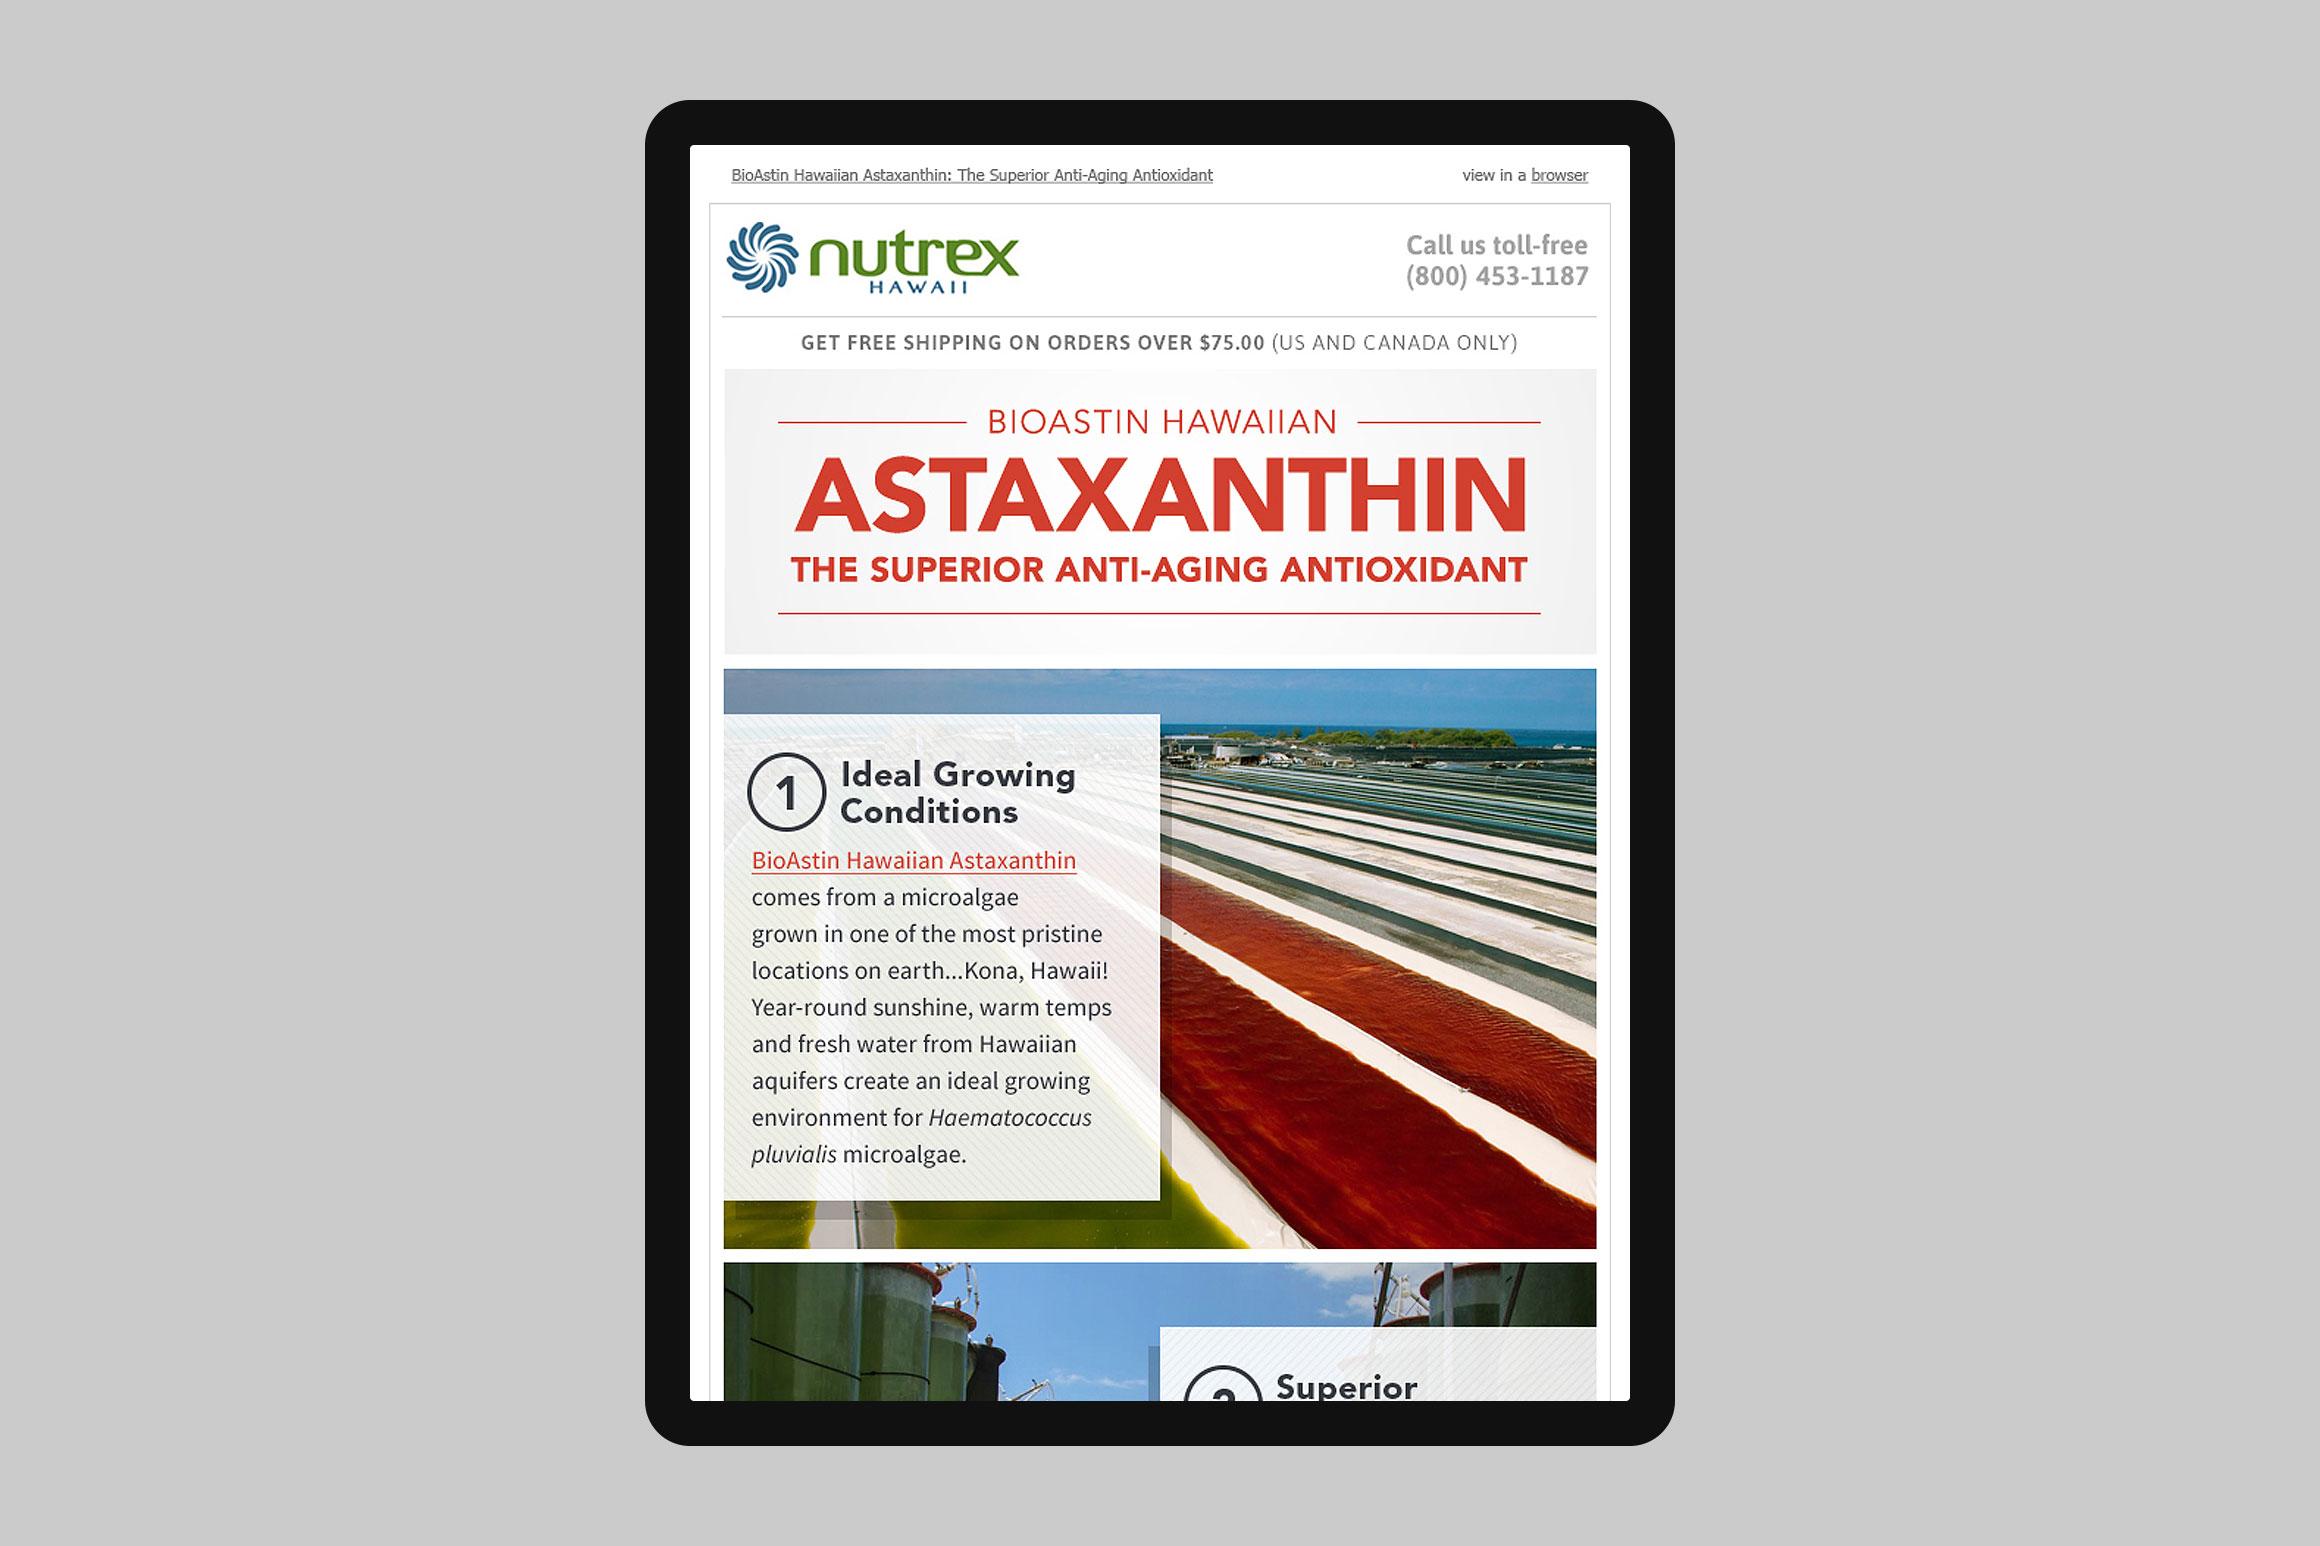 Nutrex Hawaii Astaxanthin Journey Email